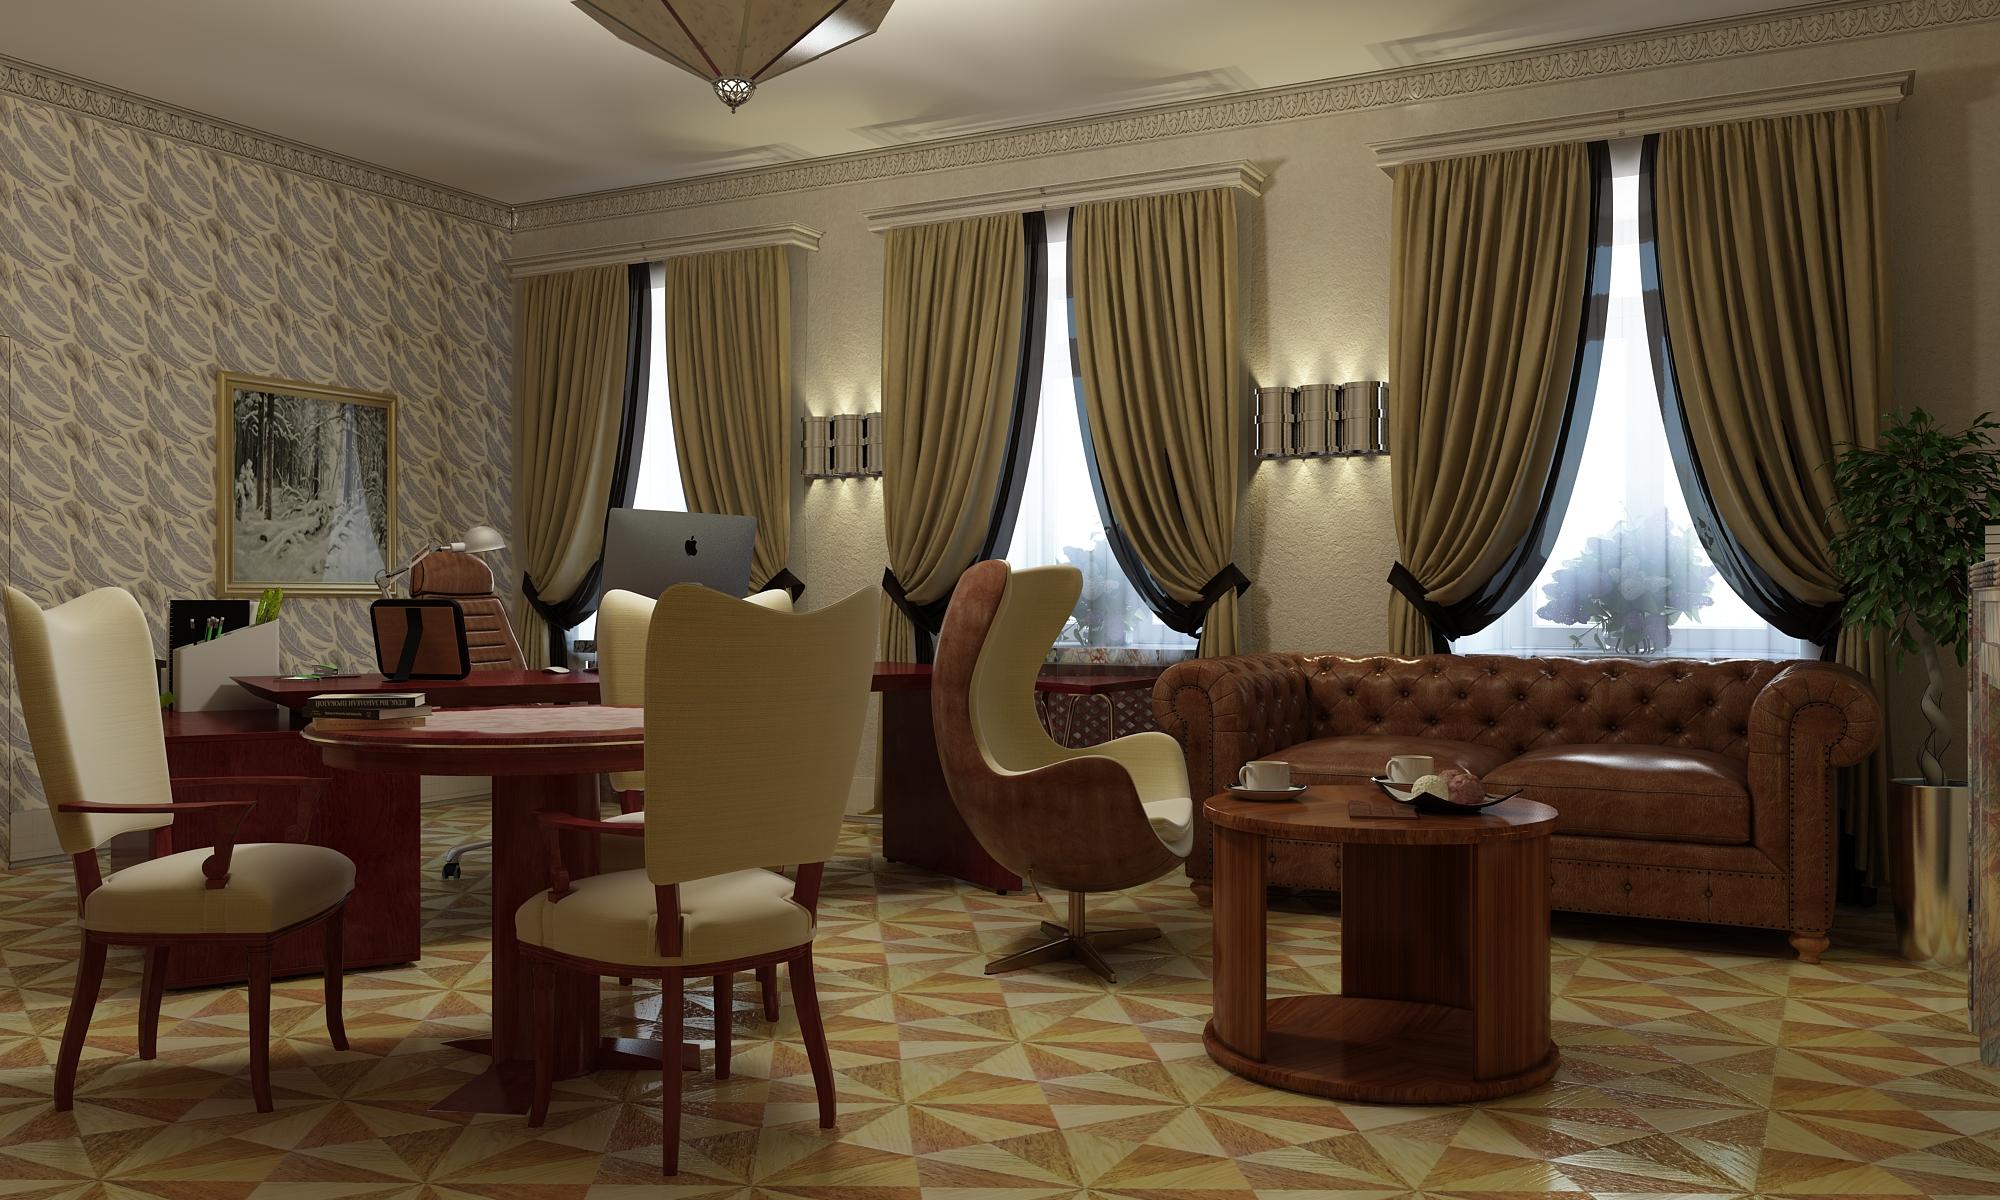 Дизайн интерьера кабинета в стиле арт-деко